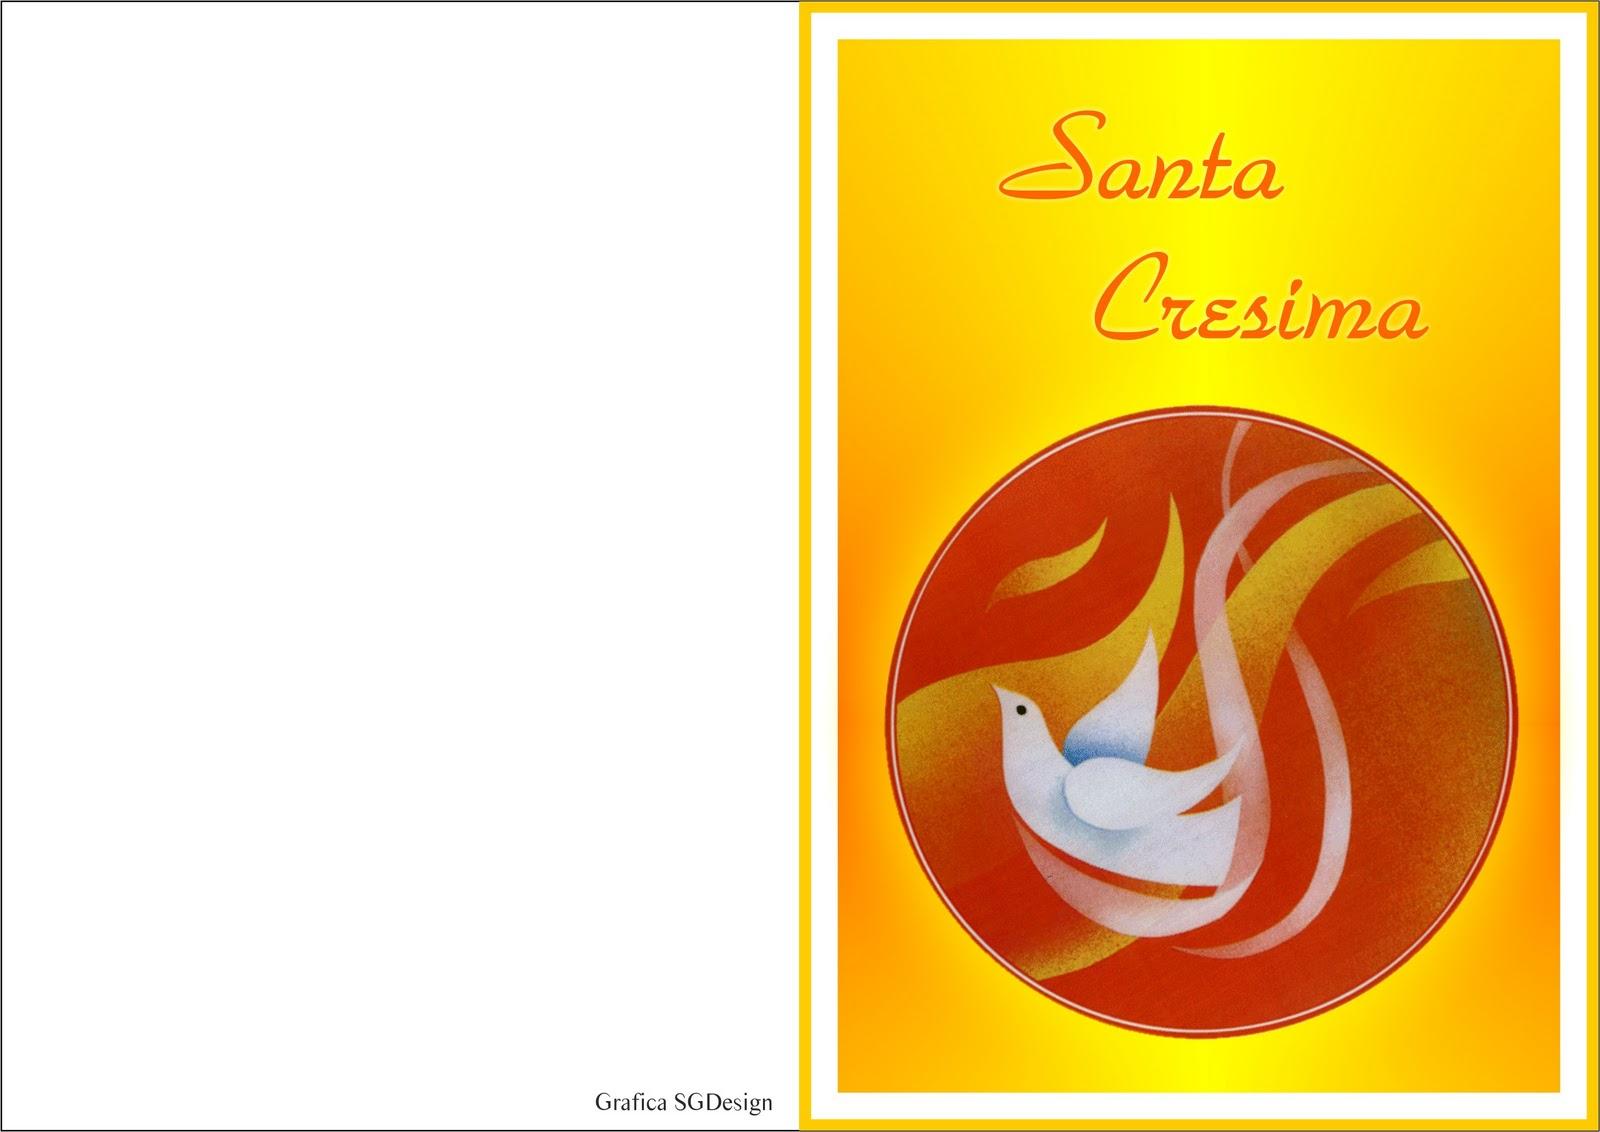 Eccezionale Ciondolo - Carta Creativa BH51